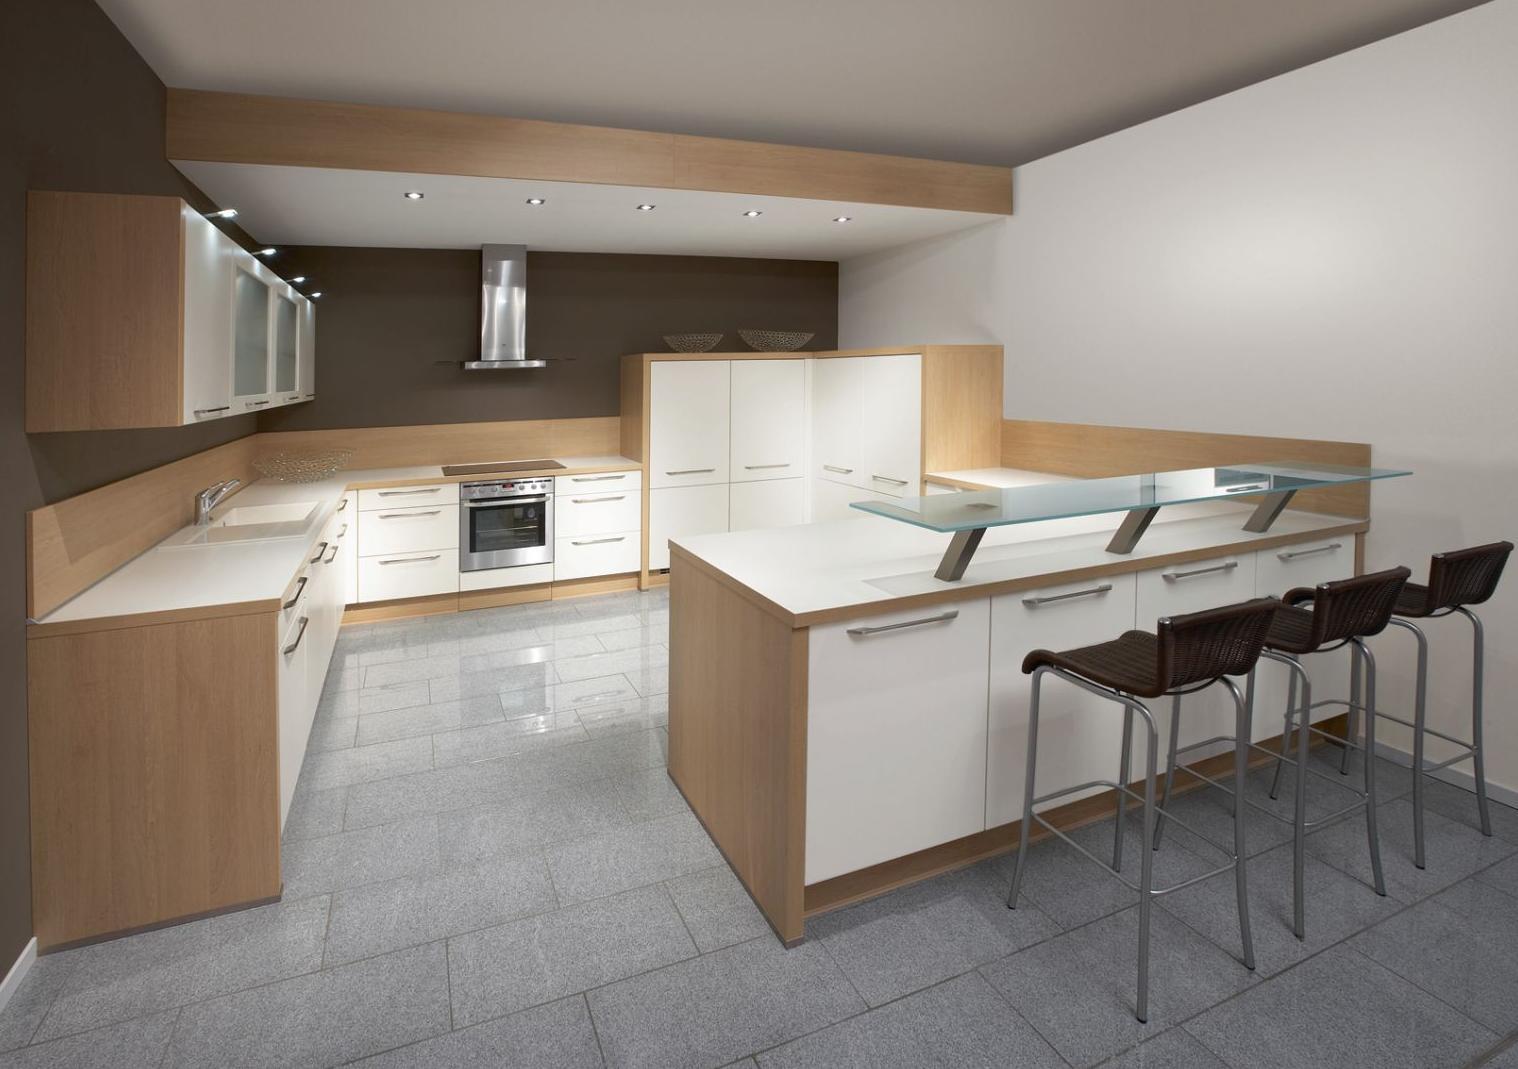 Fabrica de cocinas madrid free muebles de cocina de for Fabricas de cocinas en madrid baratas